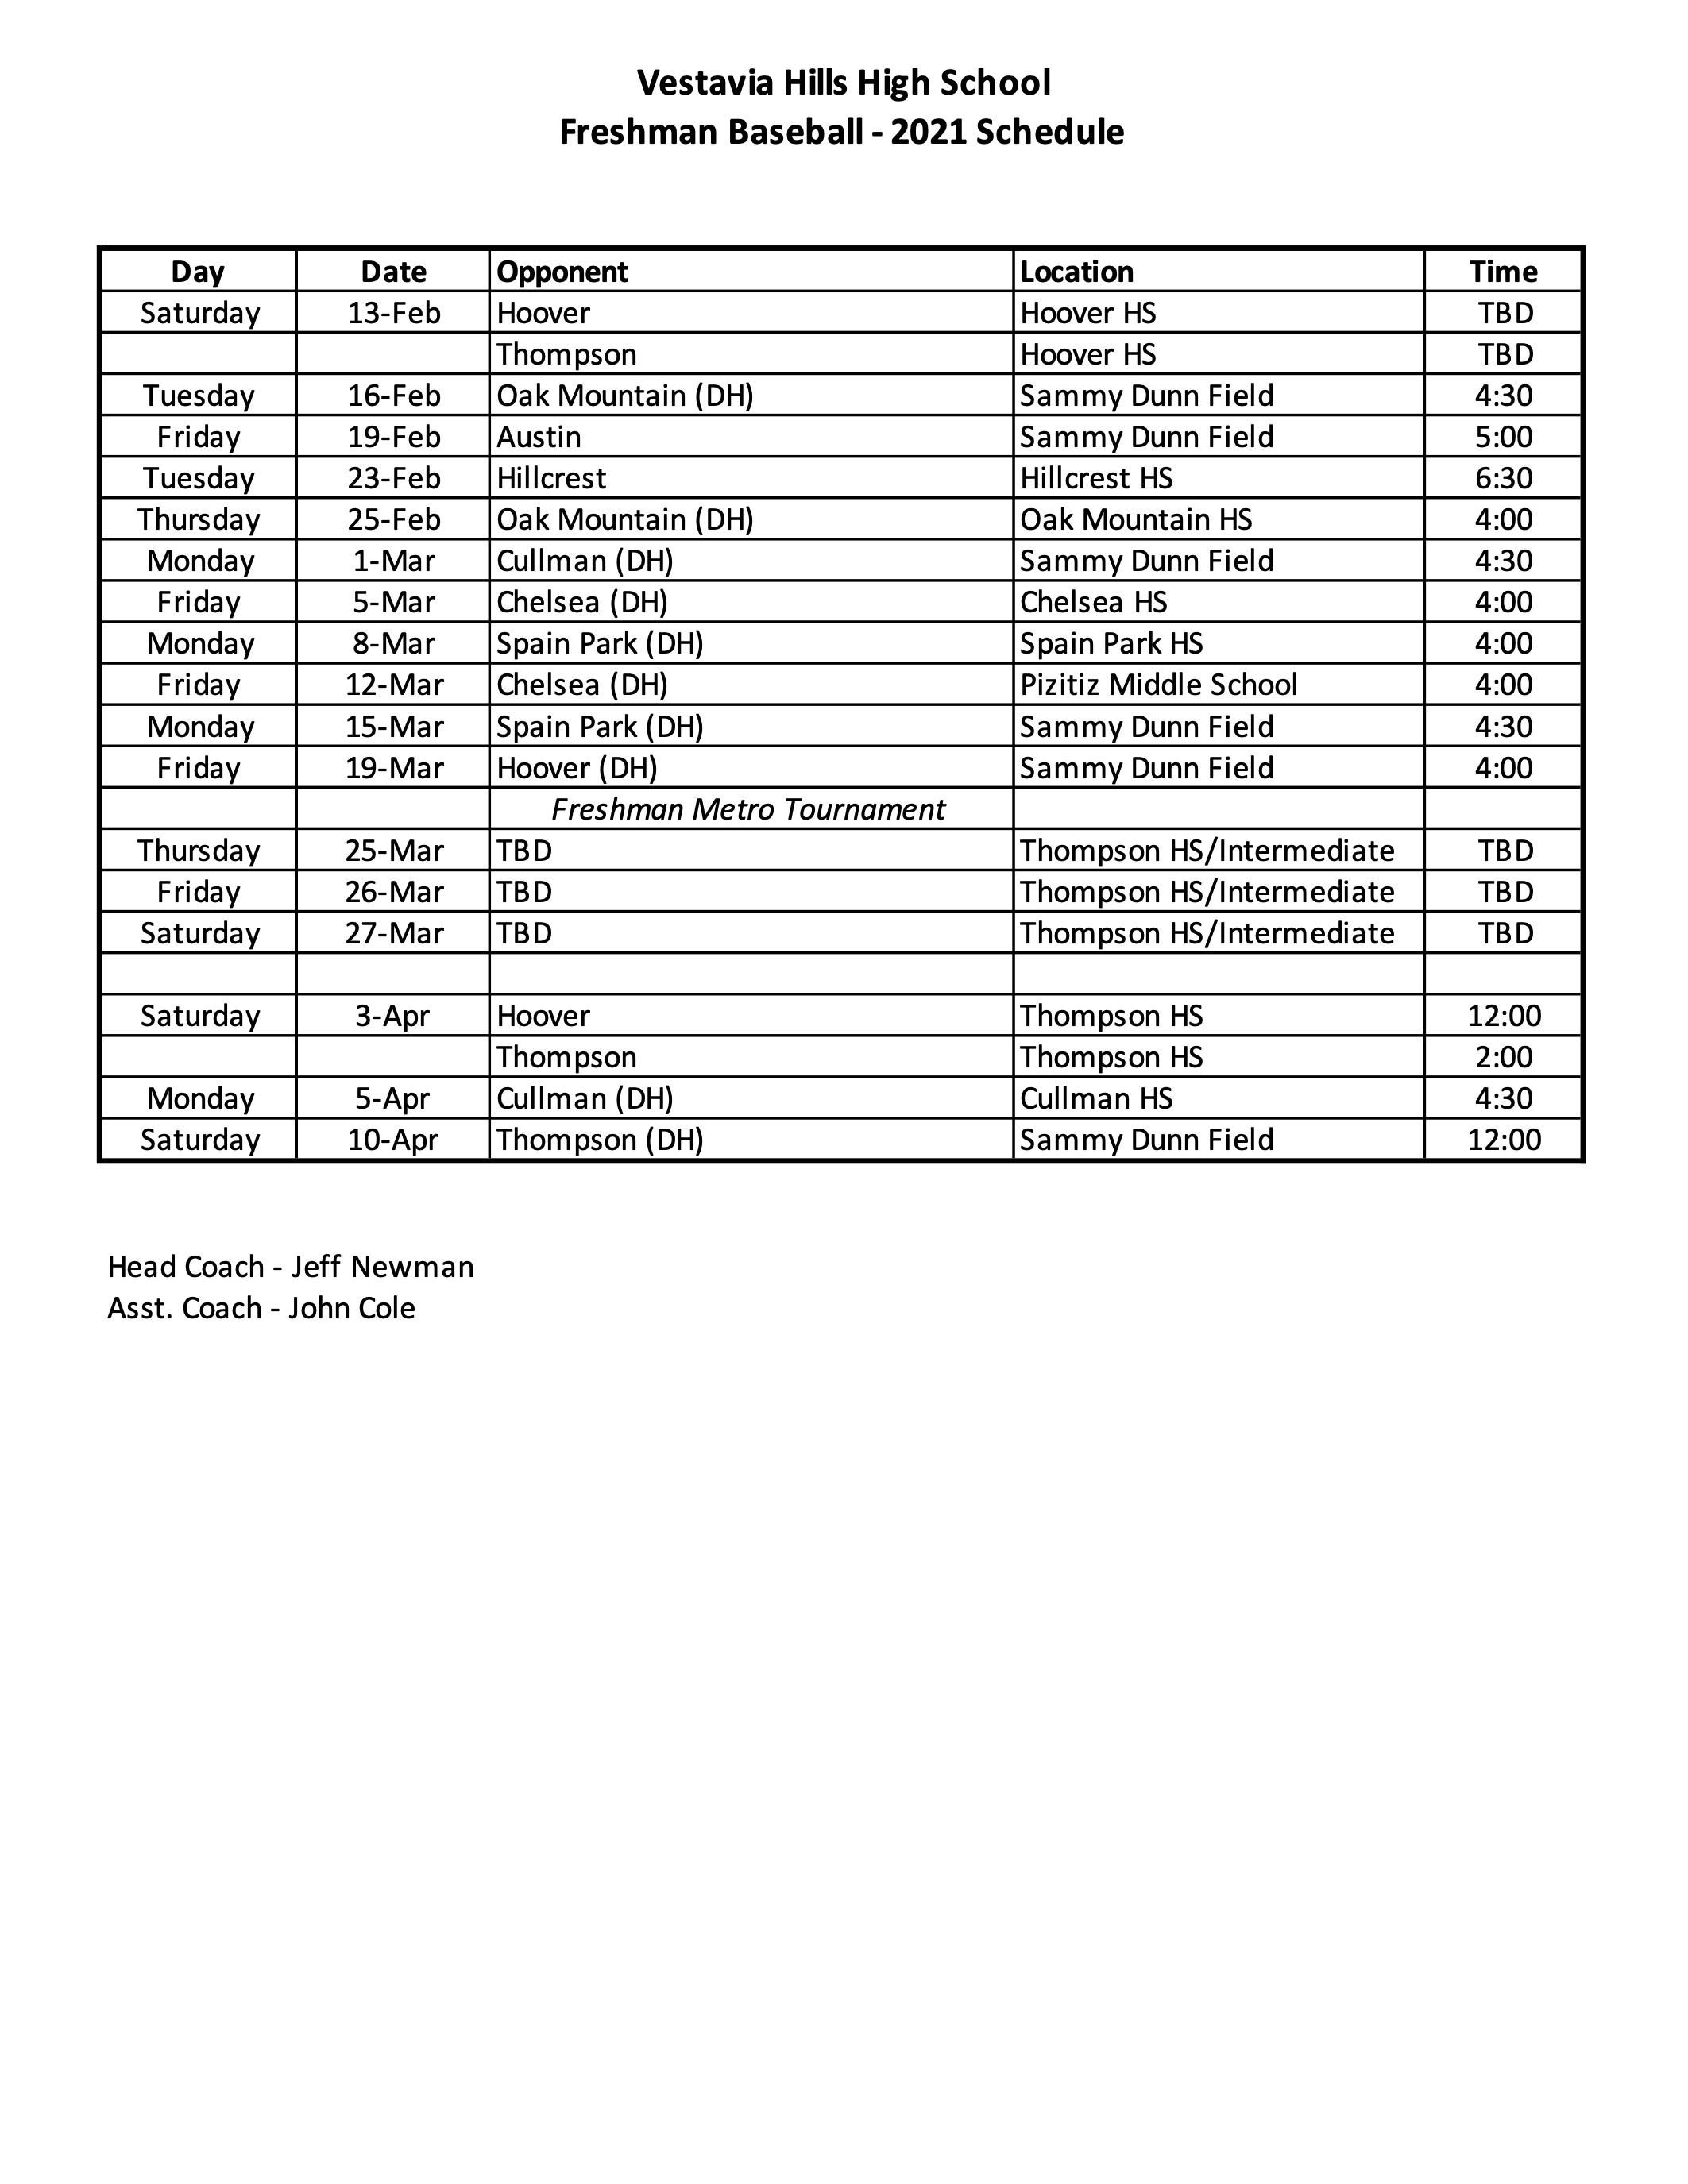 2021 Freshman Schedule